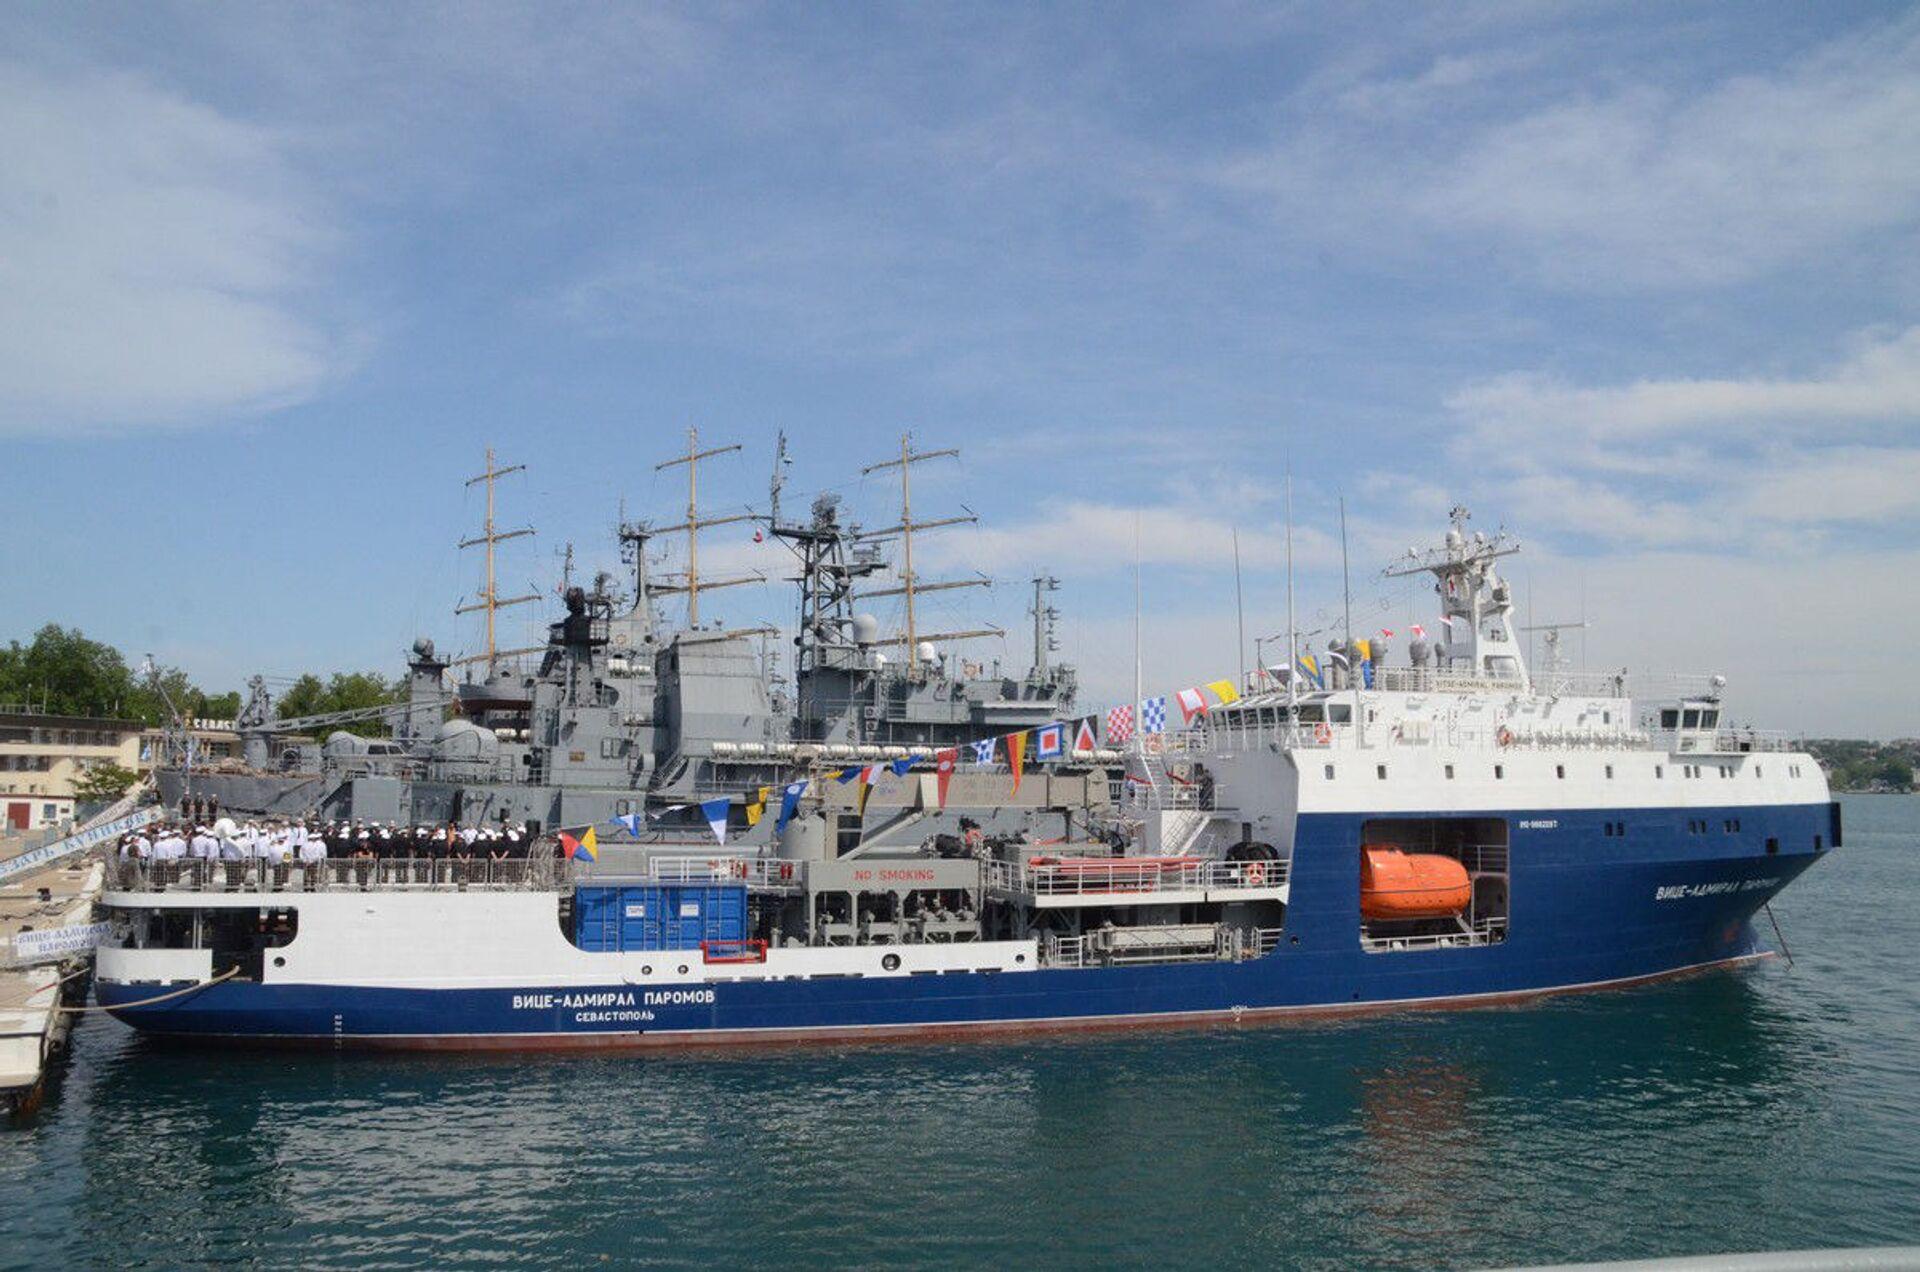 Tàu chở dầu Phó đô đốc Paromov được biên chế vào Hạm đội Biển Đen của Nga - Sputnik Việt Nam, 1920, 29.05.2021